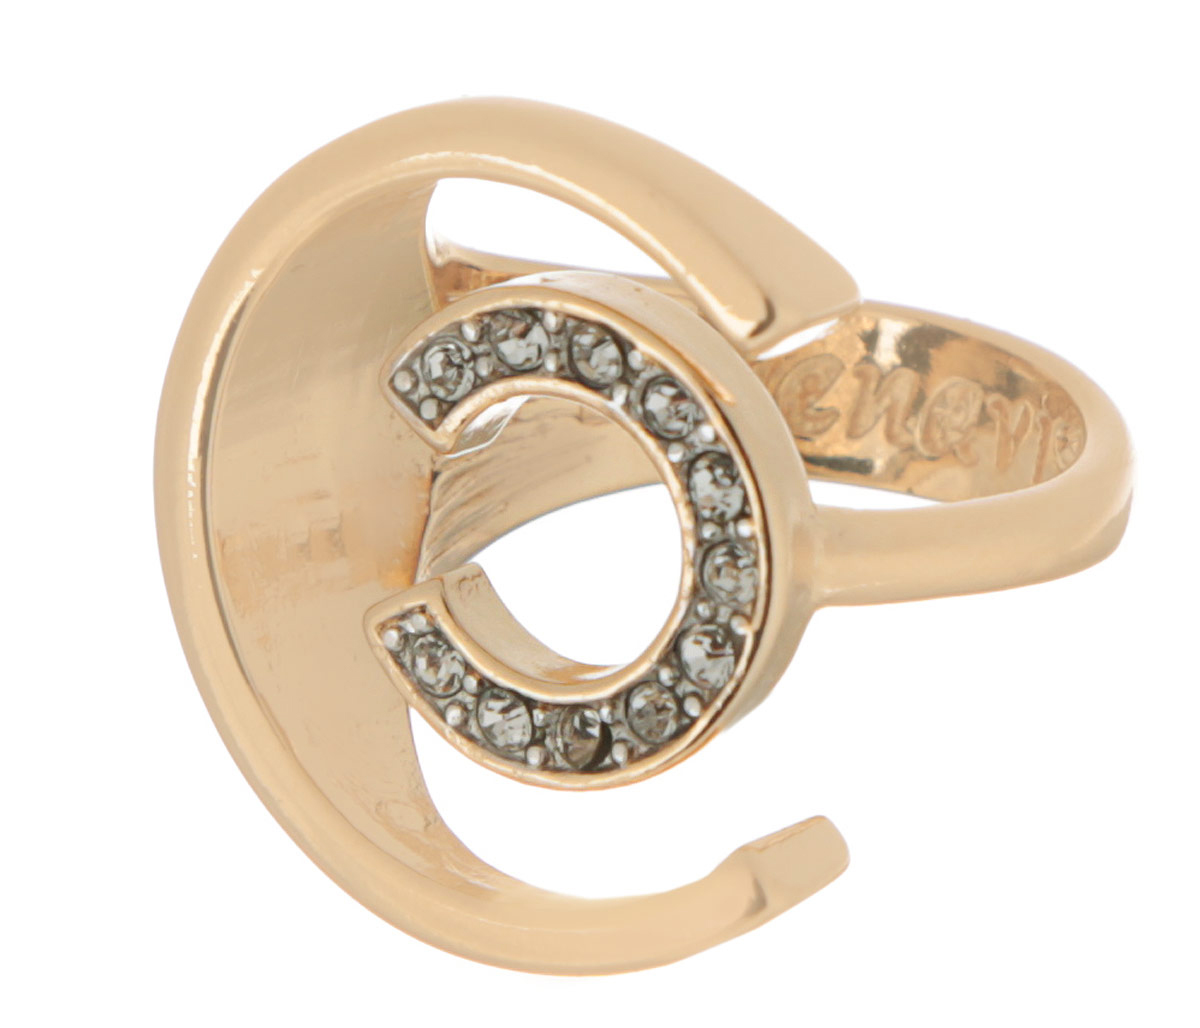 Кольцо Jenavi Форцетия, цвет: золотистый. Размер 17Кольцо для платкаЭлегантное кольцо Jenavi Форцетия выполнено из антиаллергического ювелирного сплава, покрытого позолотой с родированием. Декоративный элемент выполнен в виде двух полуокружностей разного диаметра, одна из которых инкрустирована гранеными кристаллами Swarovski. Стильное кольцо придаст вашему образу изюминку и подчеркнет индивидуальность.